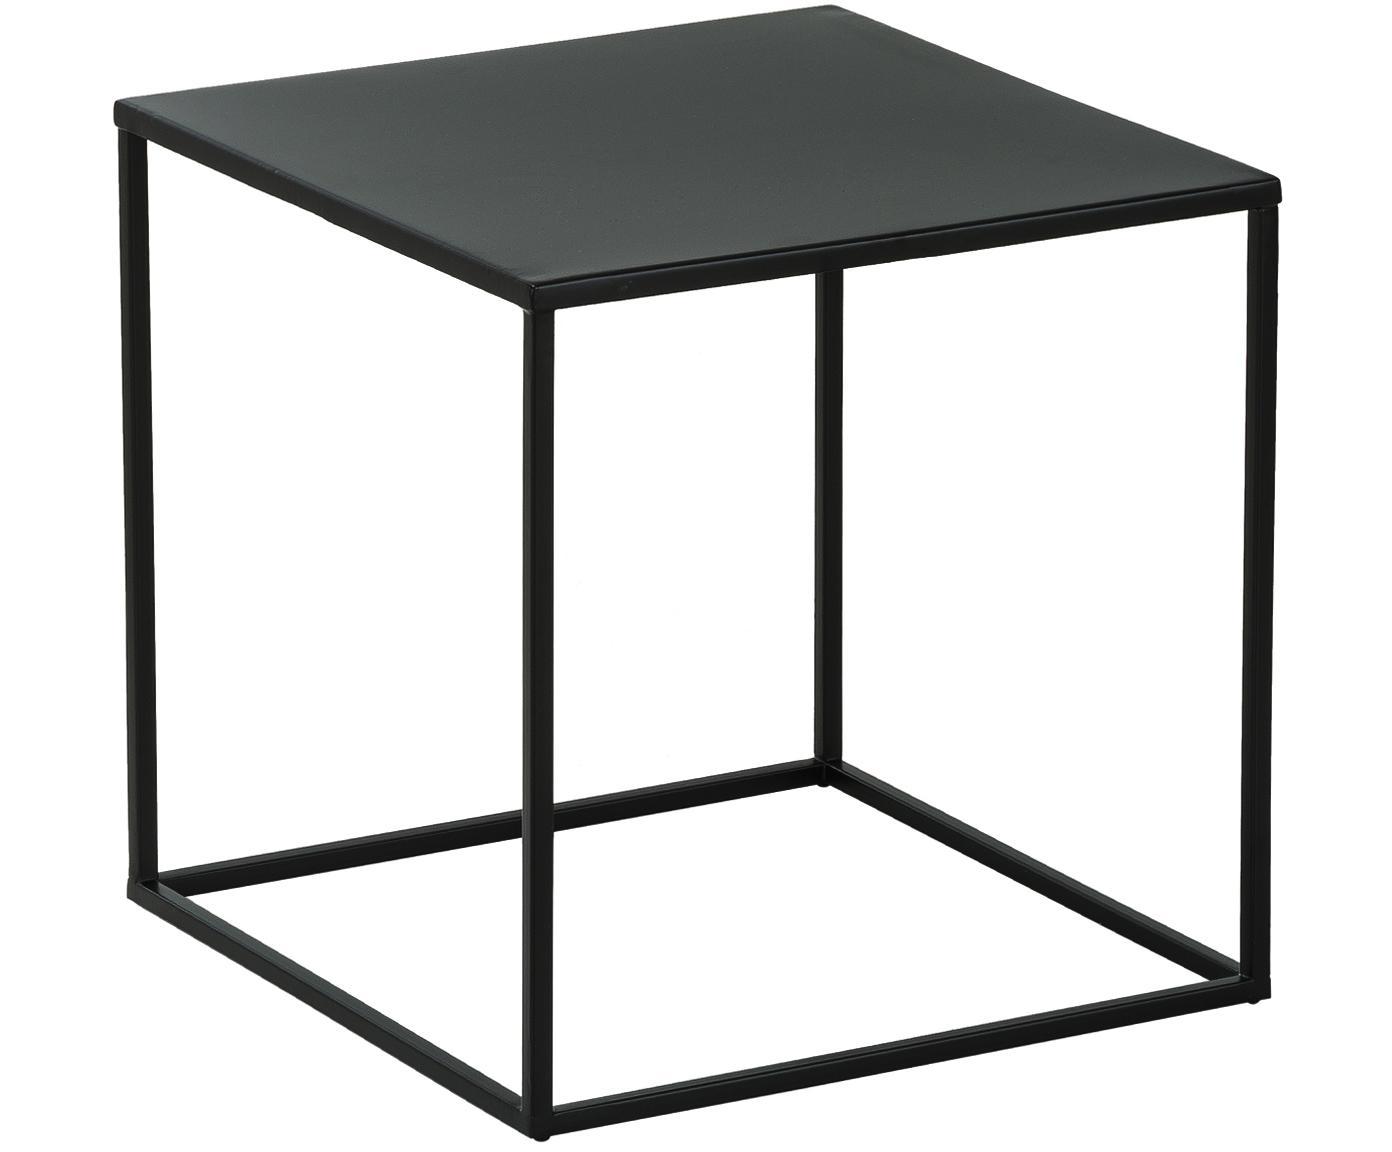 Mesa auxiliar Stina, Metal con pintura en polvo, Negro mate, An 45 x Al 45 cm